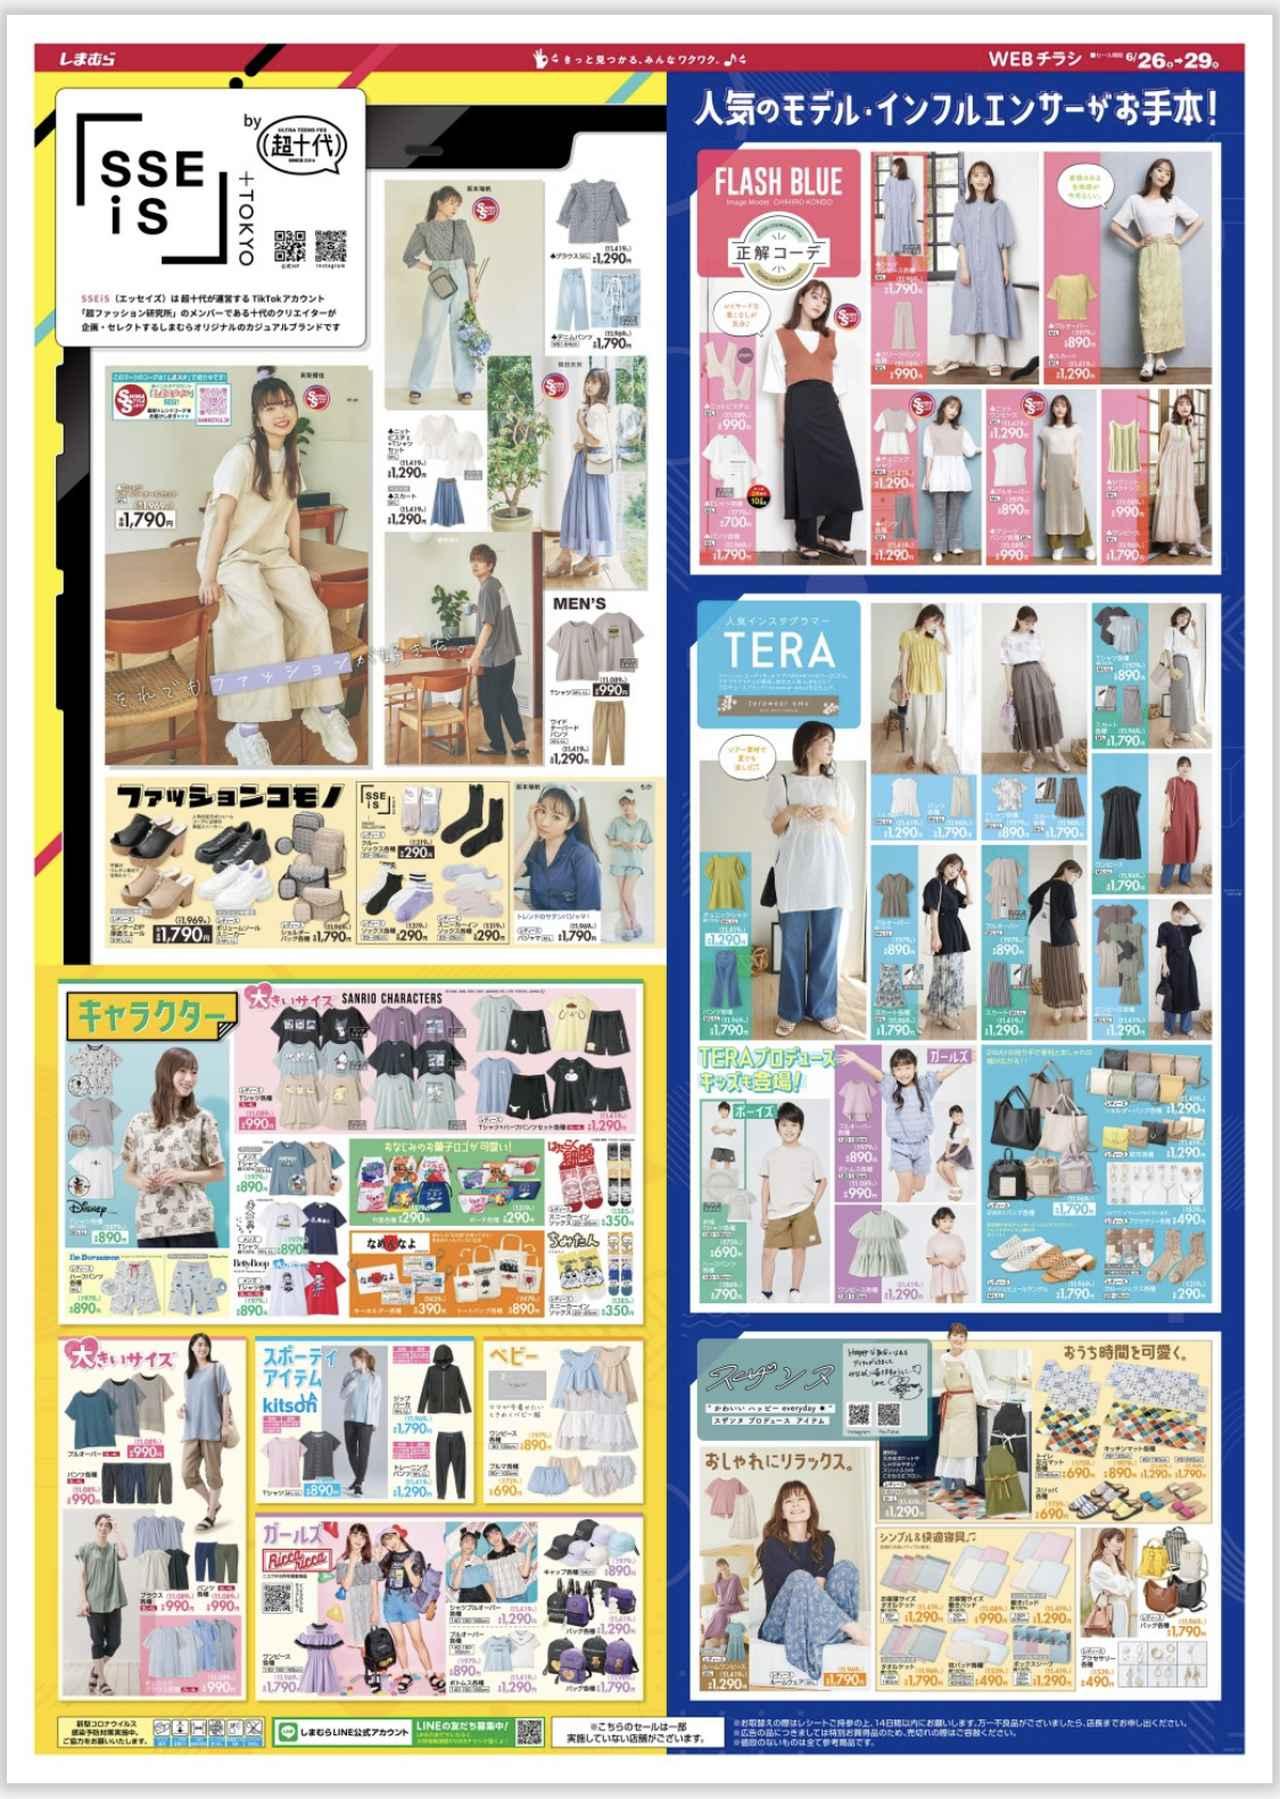 画像: 6/26しまむらWEBチラシ www.shimamura.gr.jp